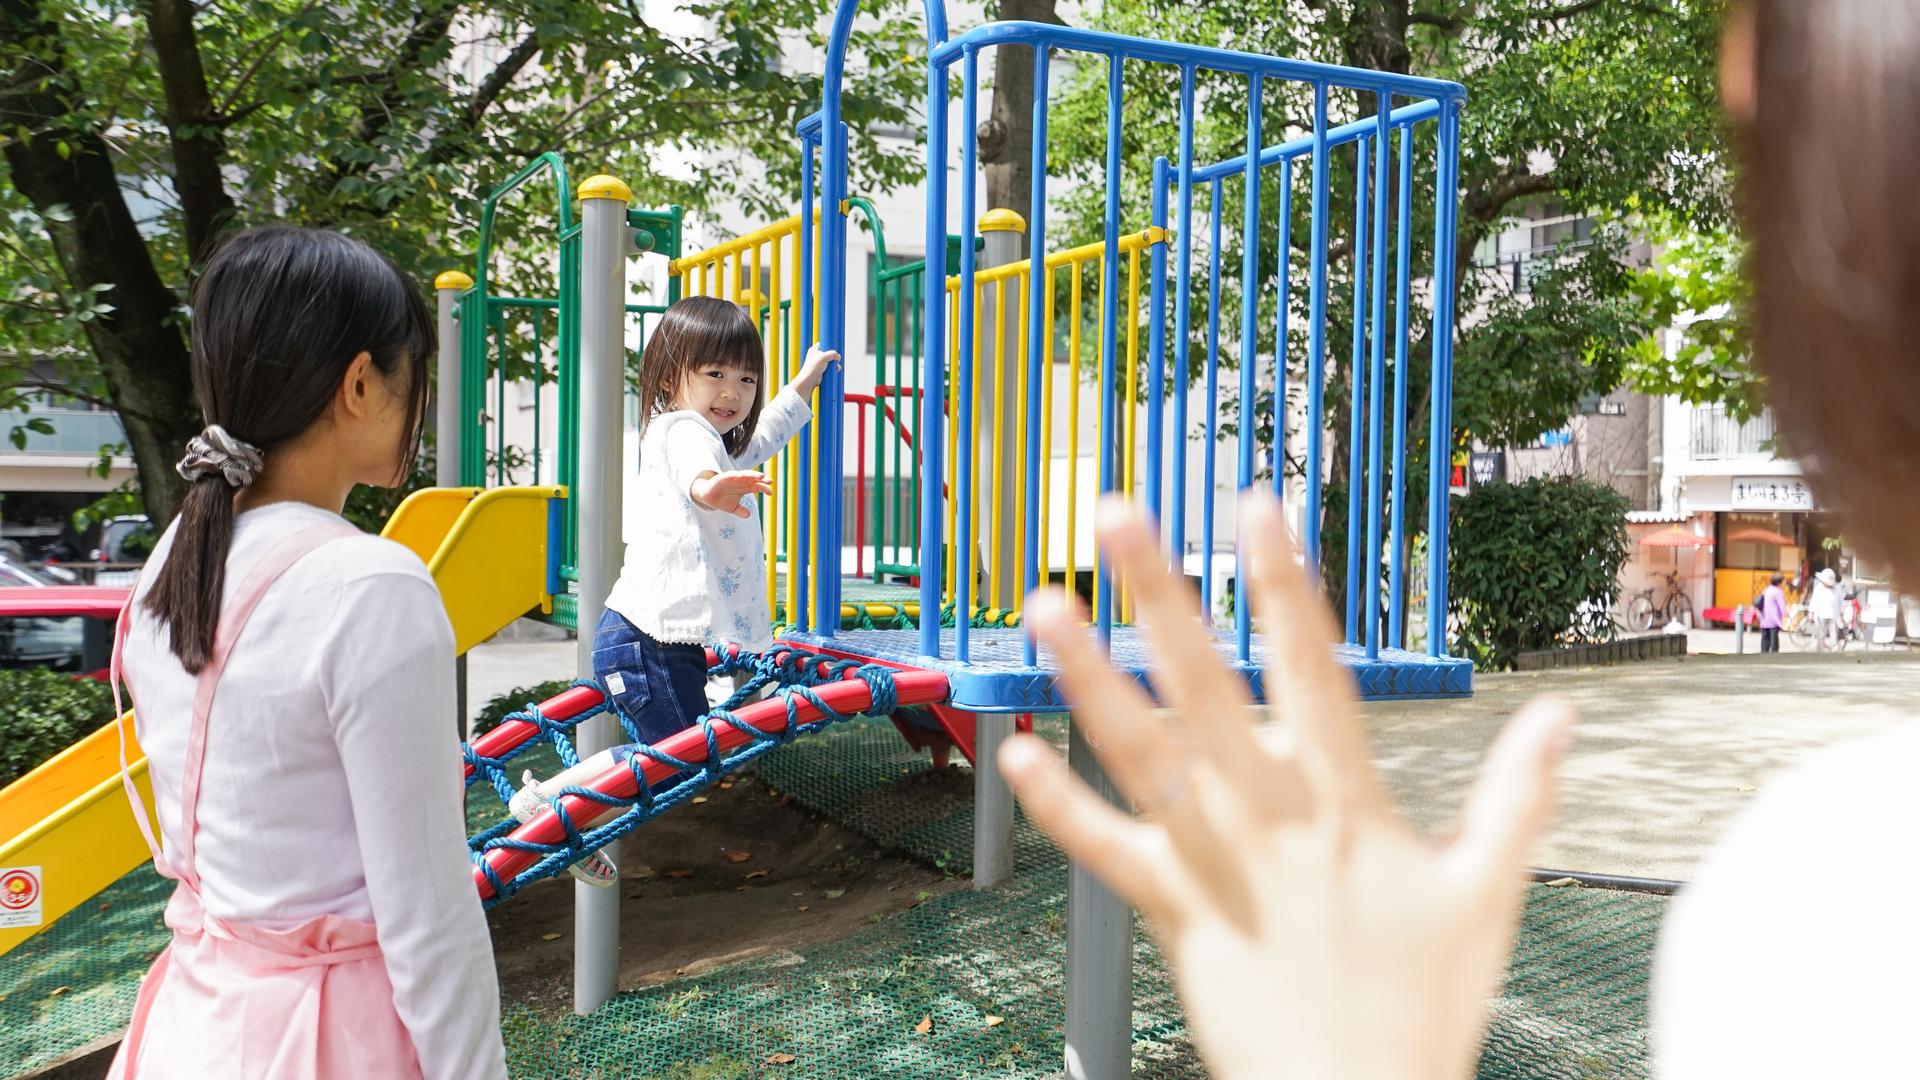 保育園と幼稚園はどっちがいい?それぞれの違いとは?【育メンへの道】